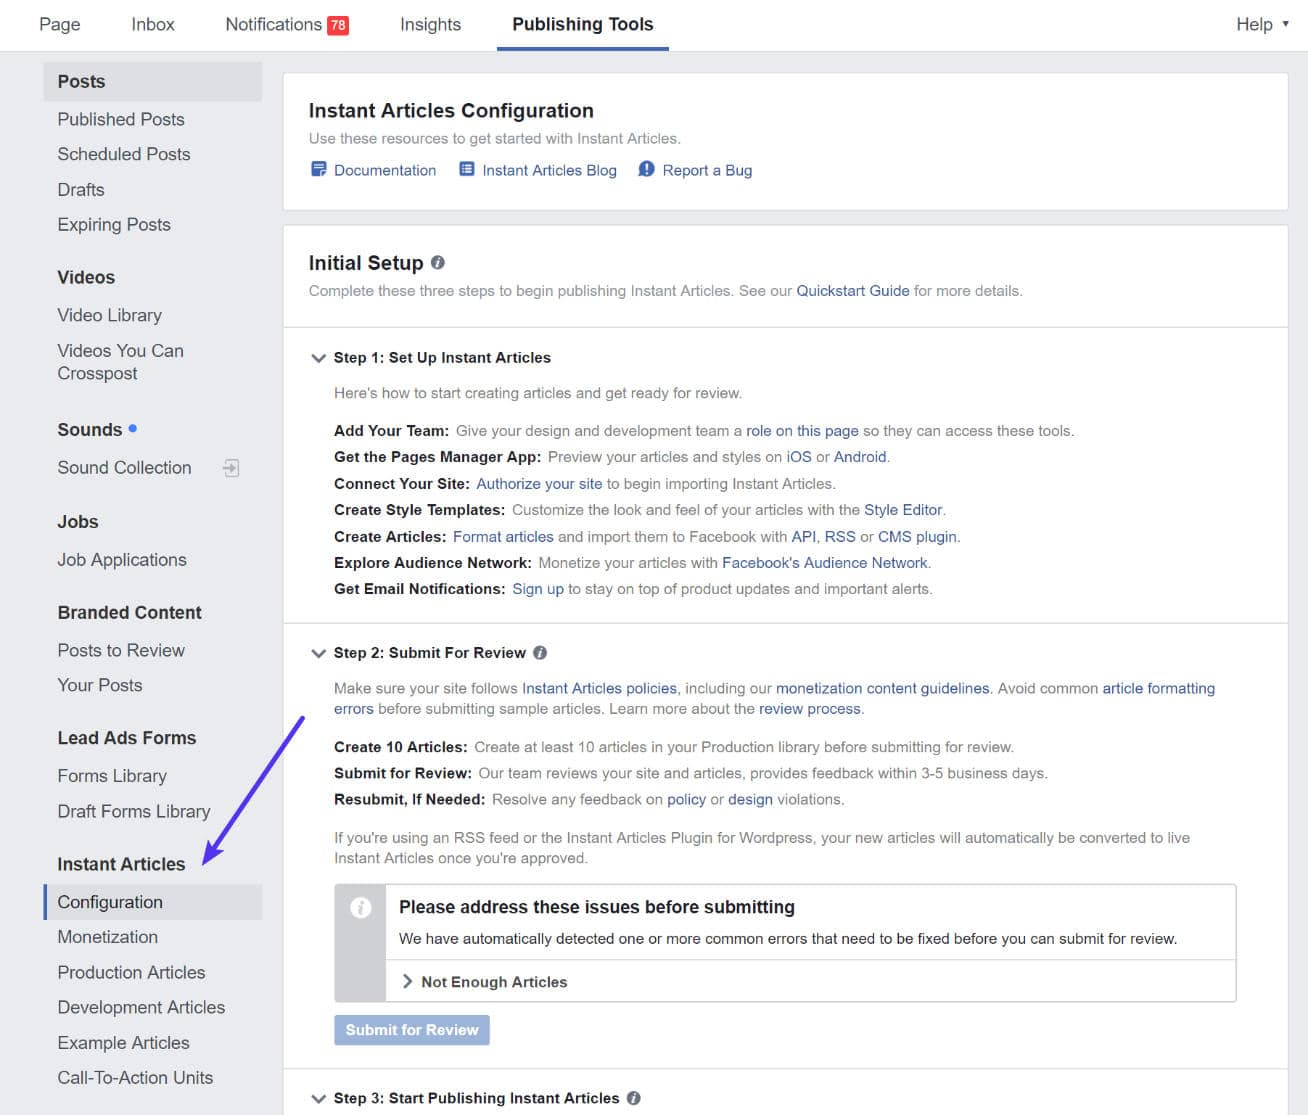 Outils de publication d'Instant Articles sur Facebook